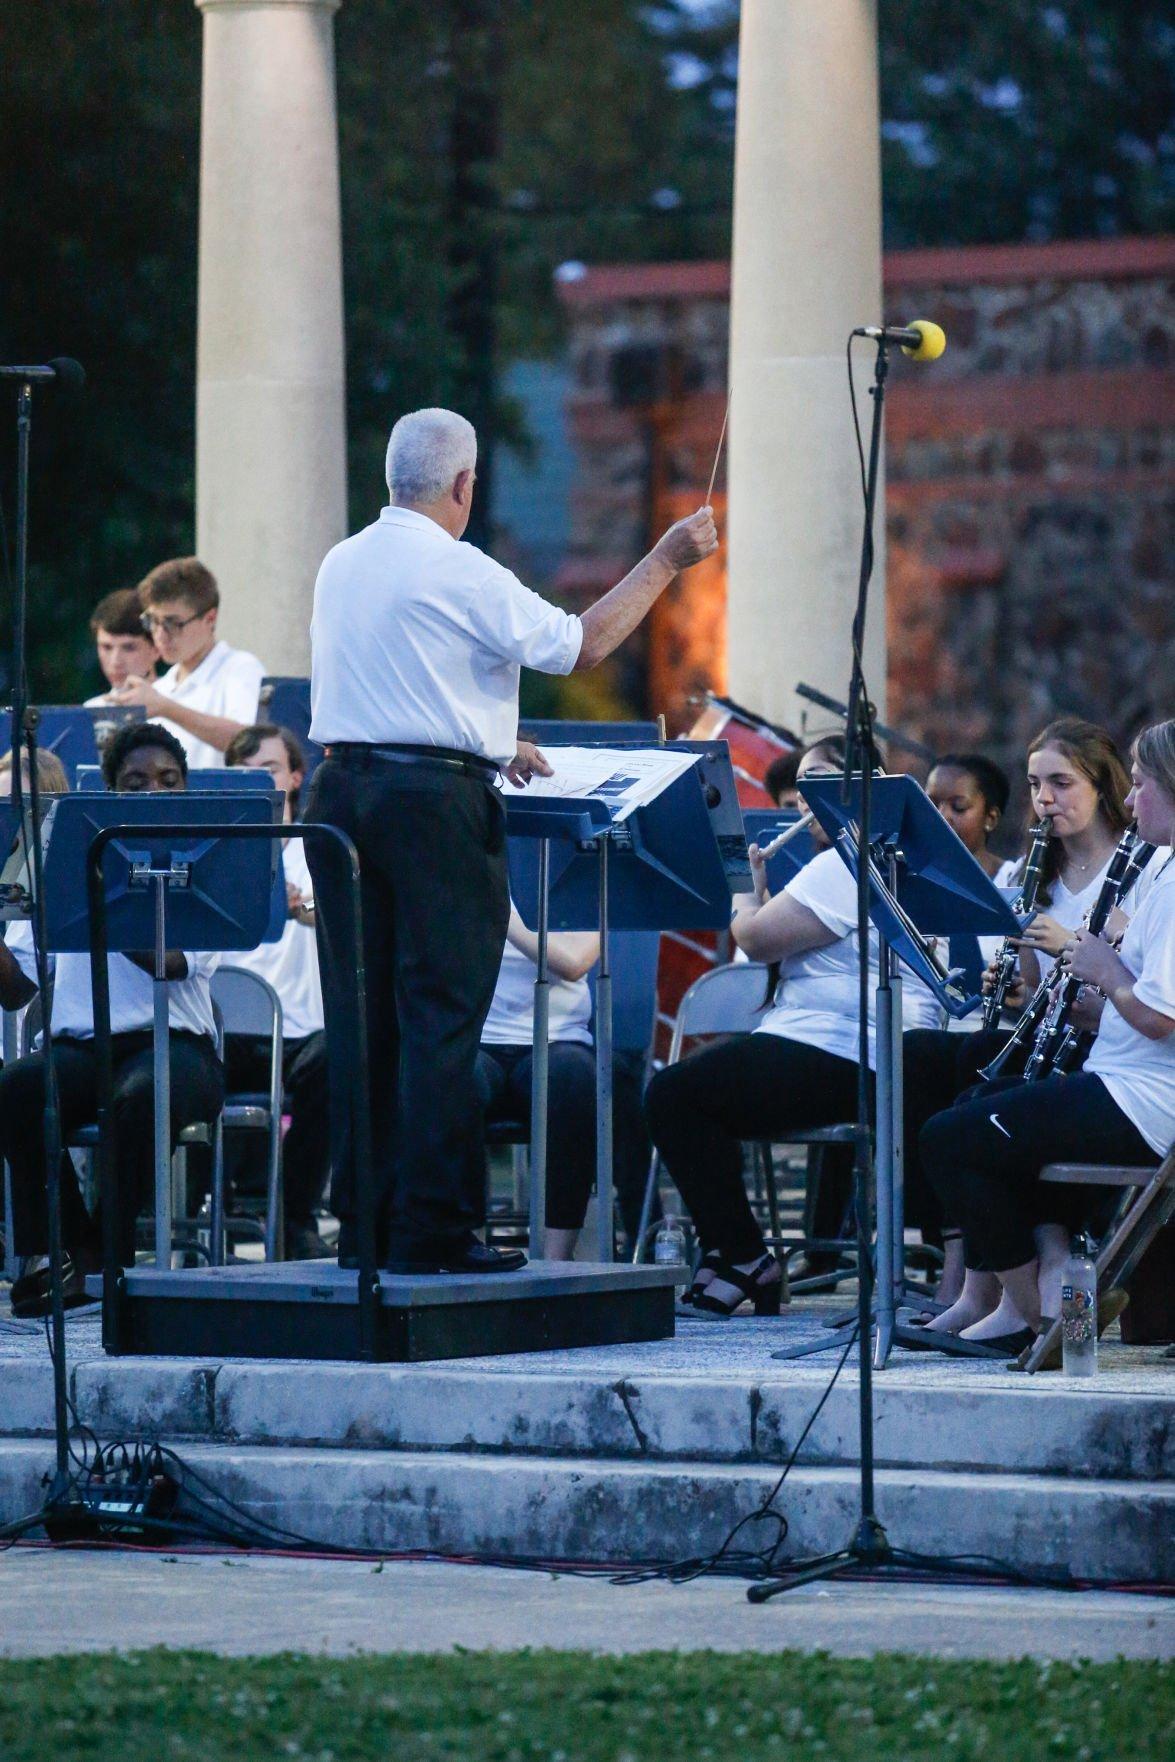 Municipal Band (copy)